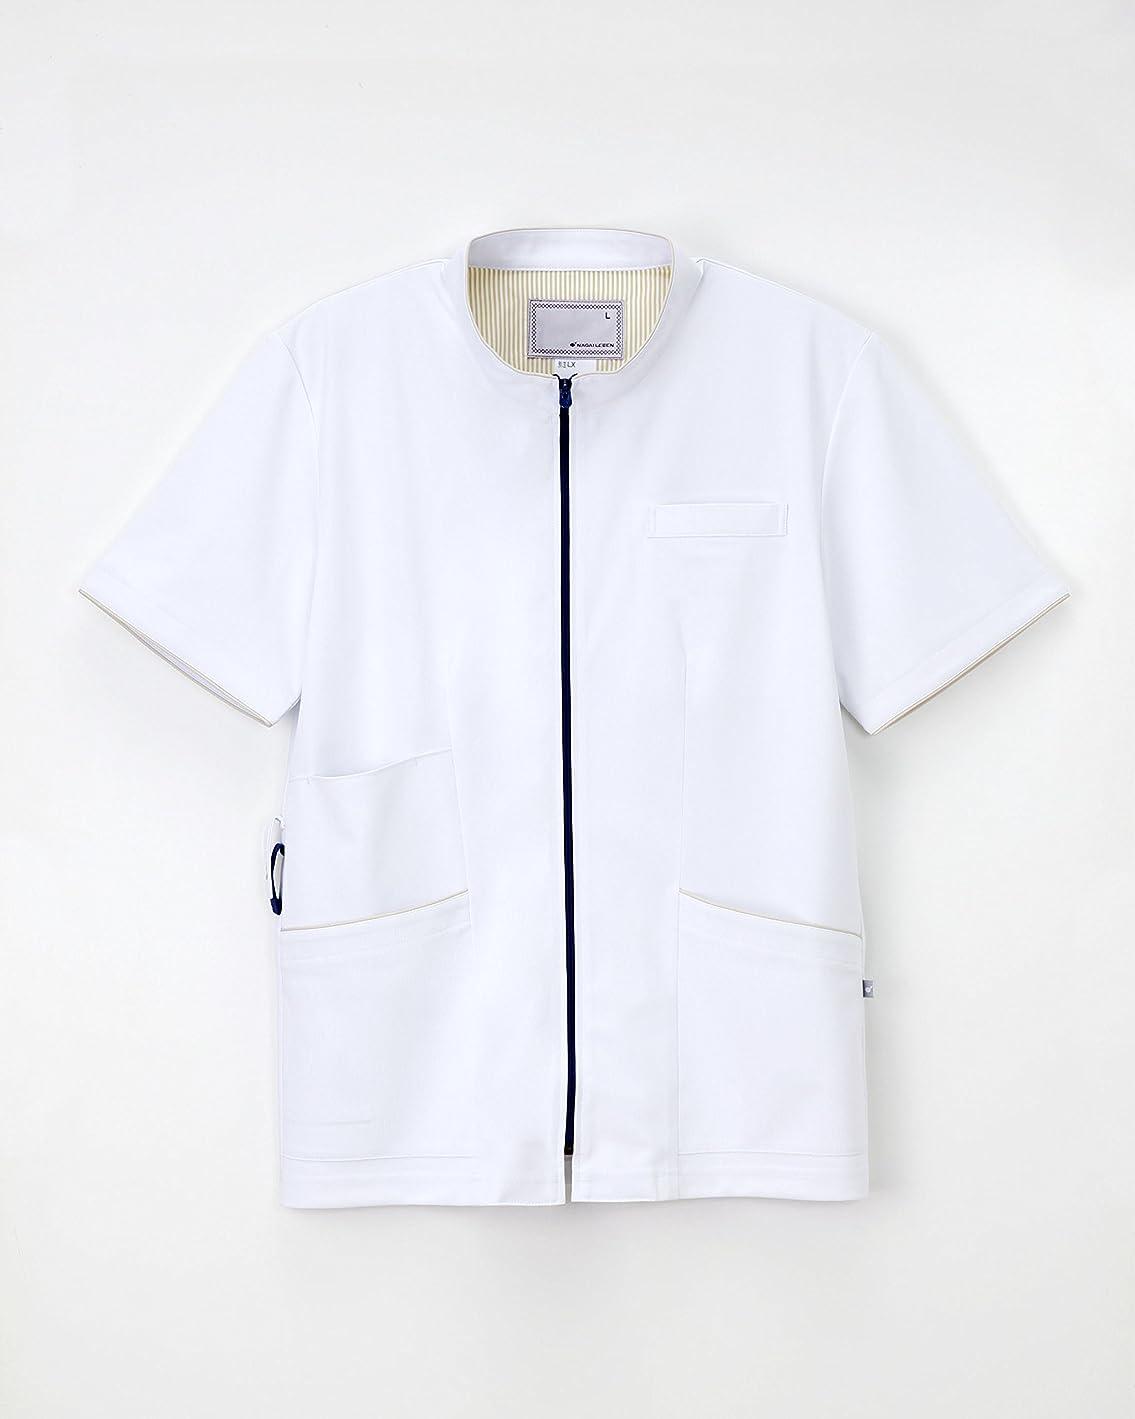 船尾グラフ縫う医療用ユニフォーム 男子上衣 LX-3737(S)TベージュRB TベーRB